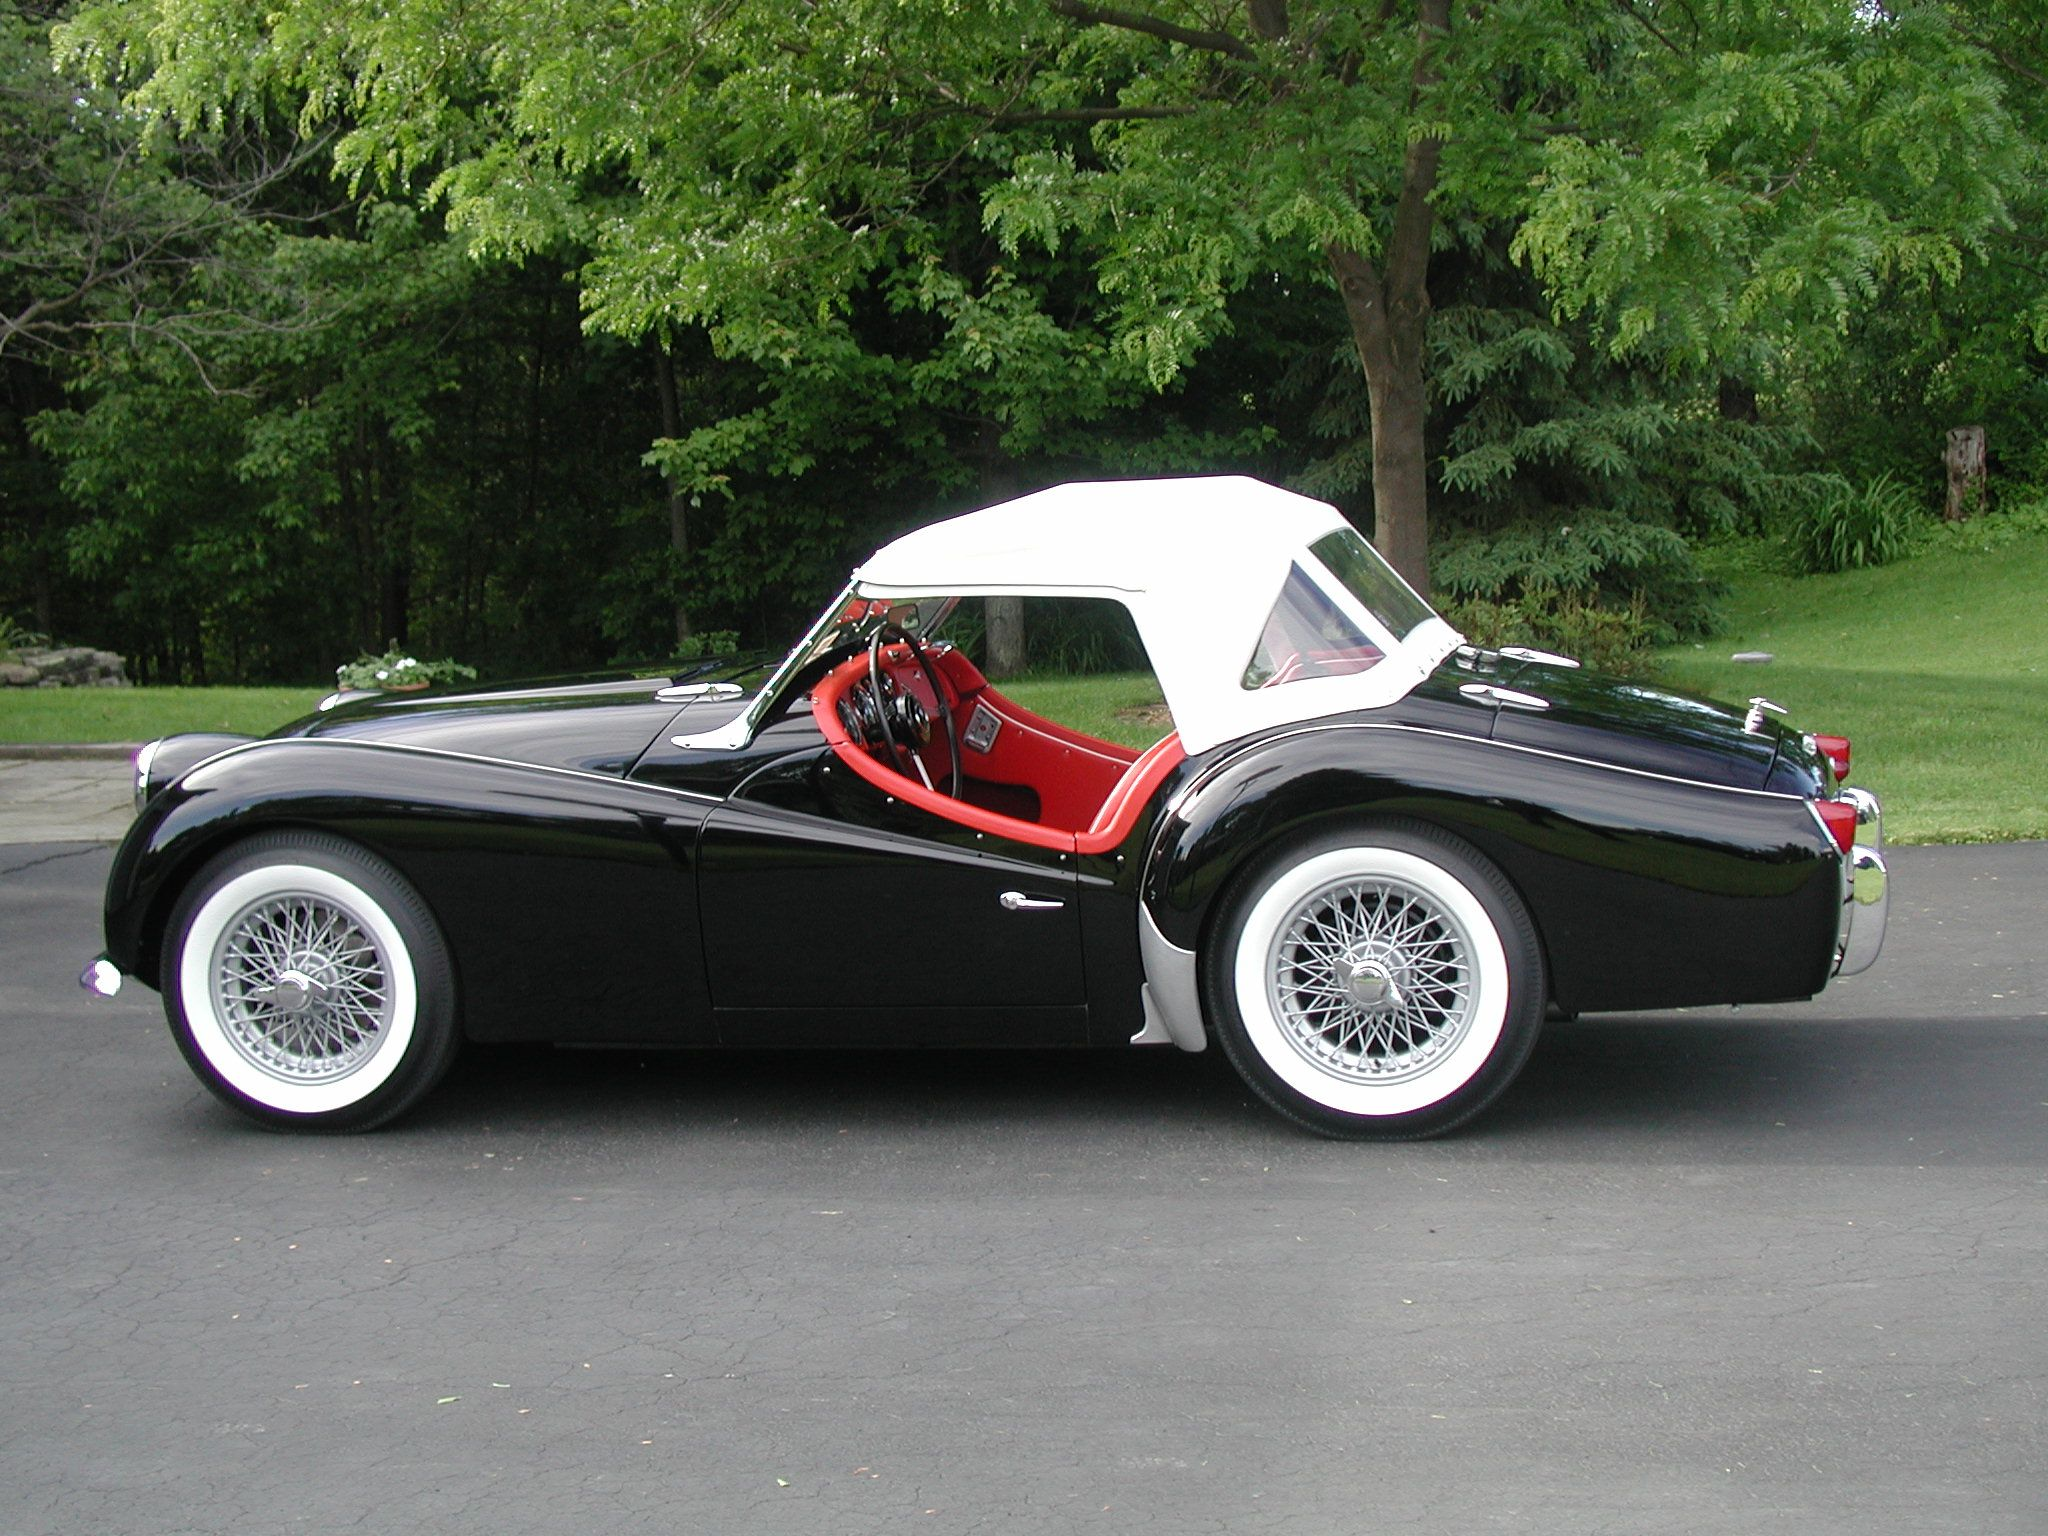 les 25 meilleures id es de la cat gorie triumph tr3 sur pinterest voitures anciennes voiture. Black Bedroom Furniture Sets. Home Design Ideas